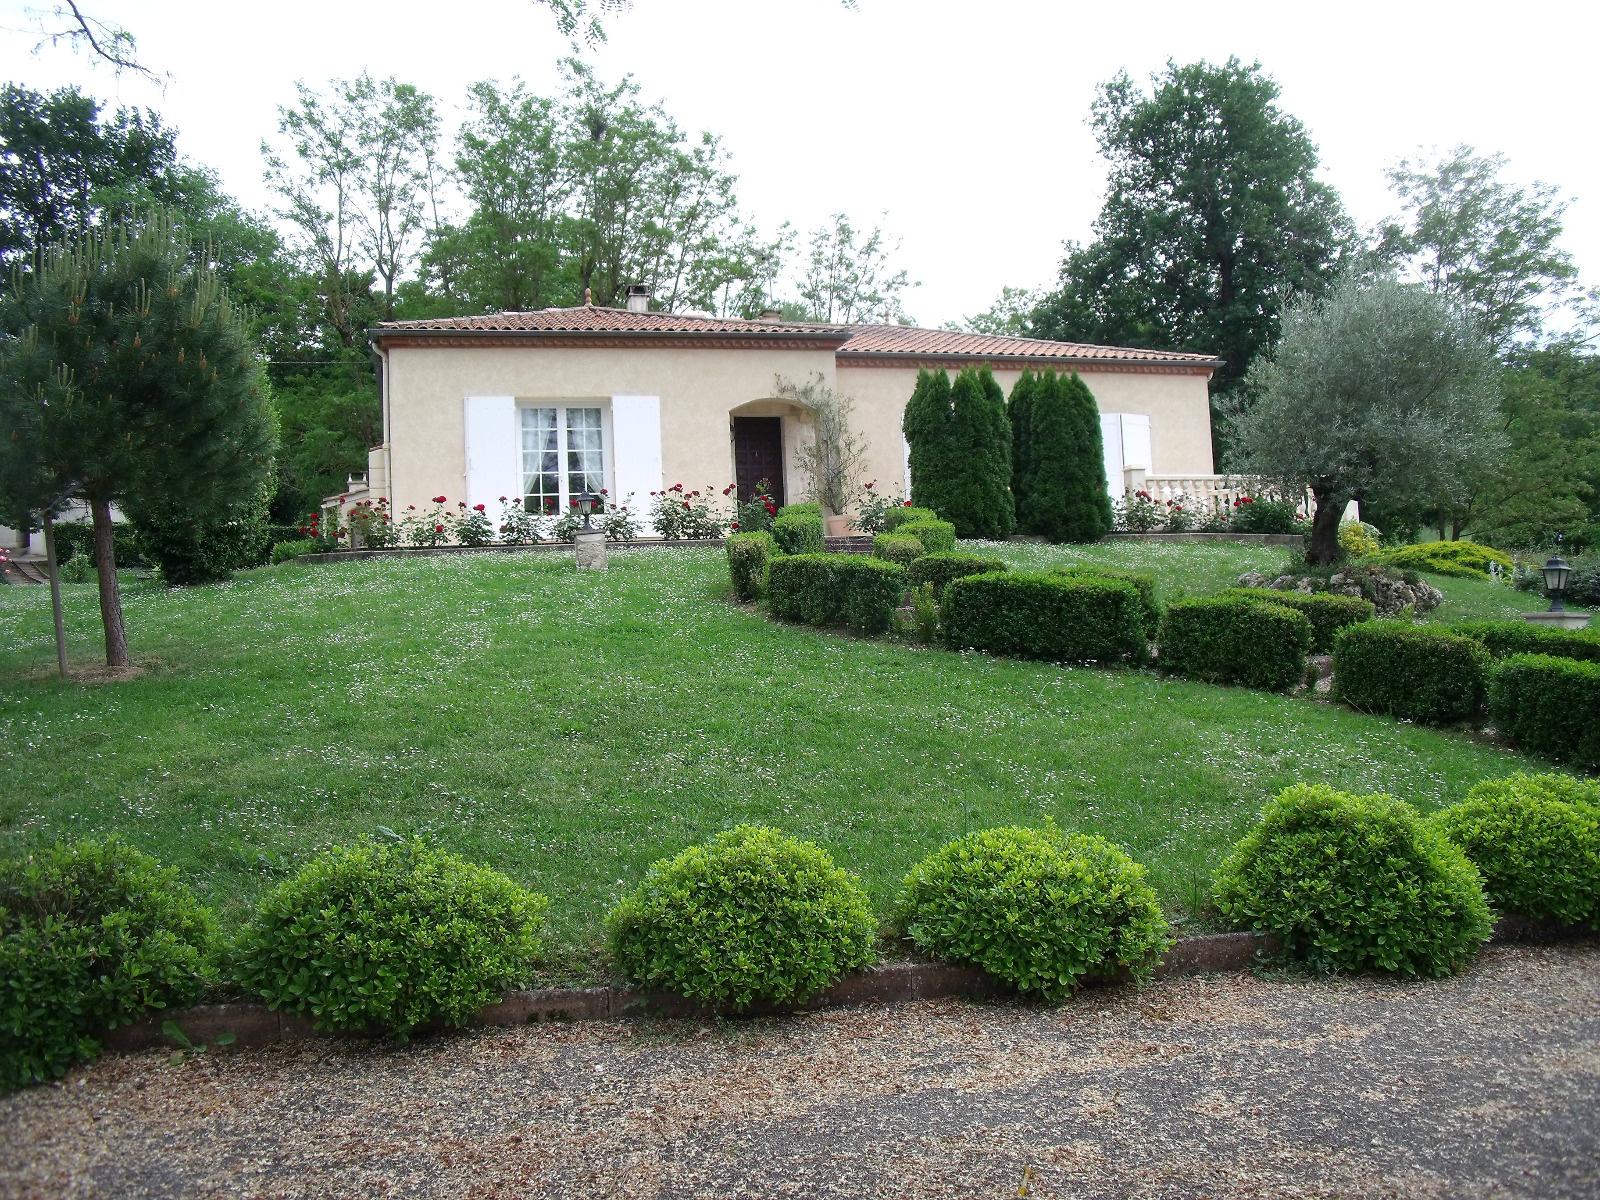 Vente maison/villa 4 pièces allez et cazeneuve 47110